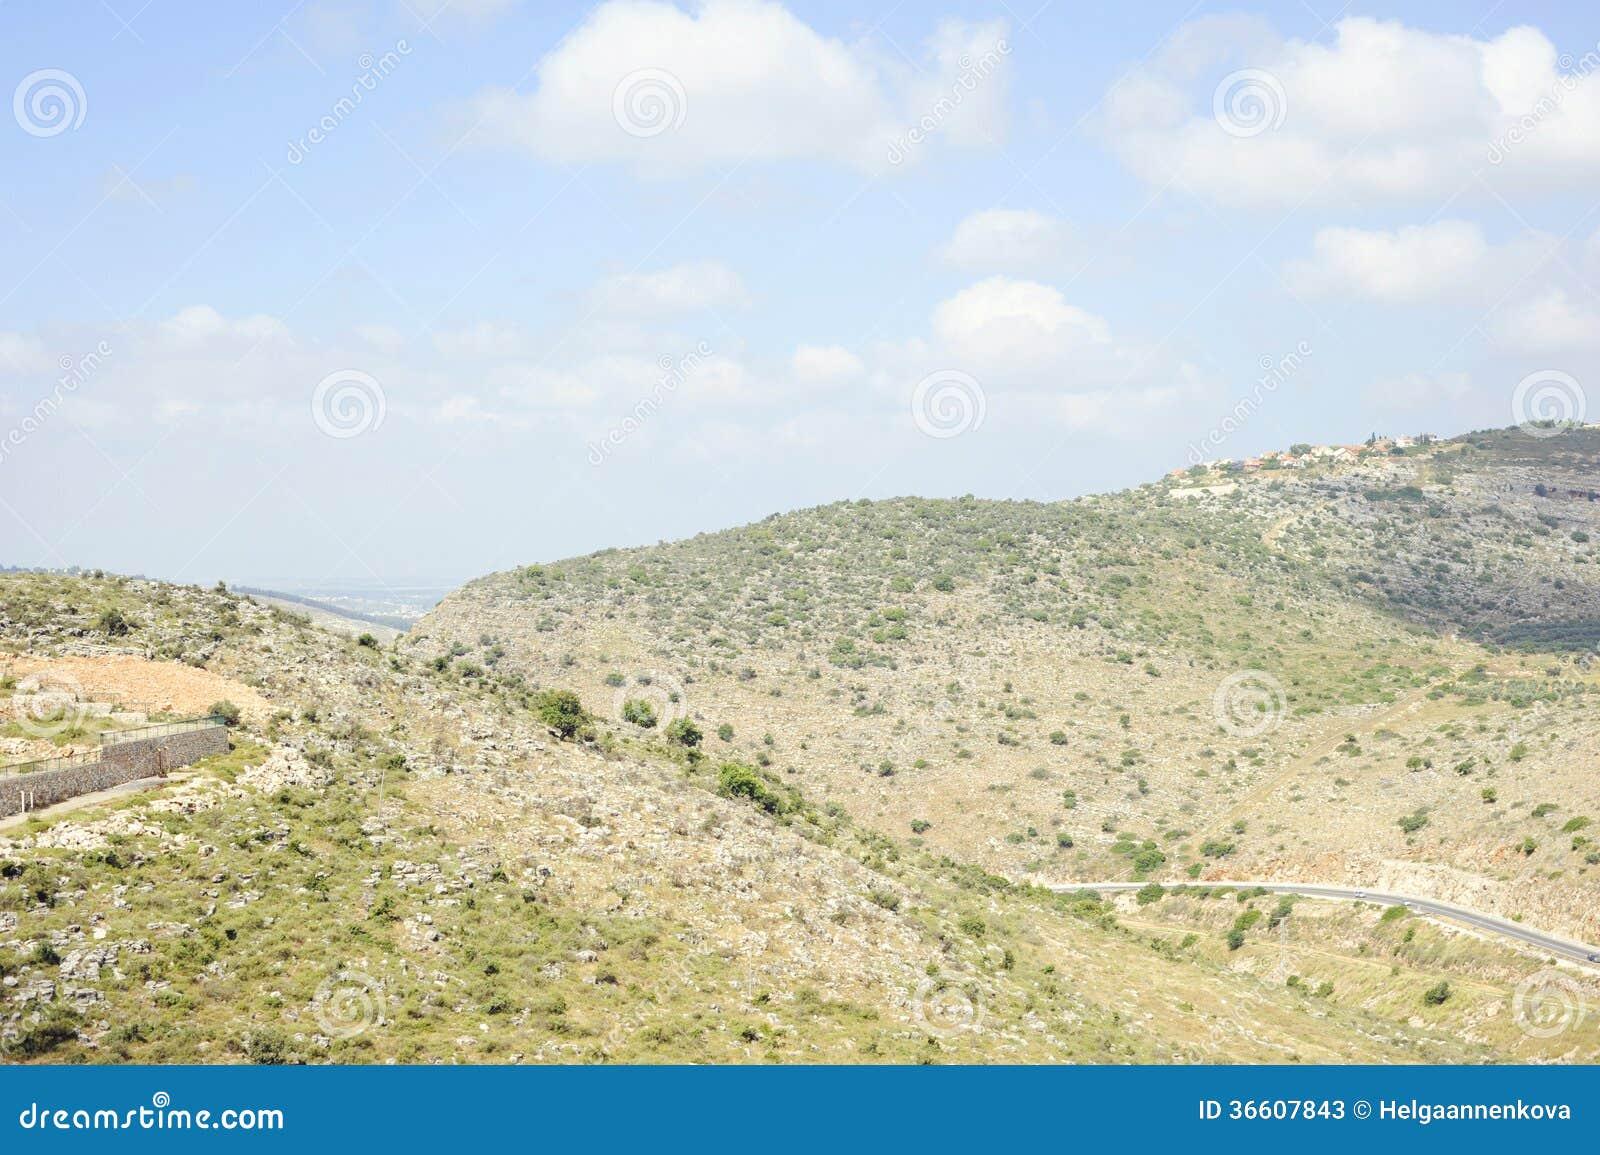 Zeichnen Sie die Hügel von Israel